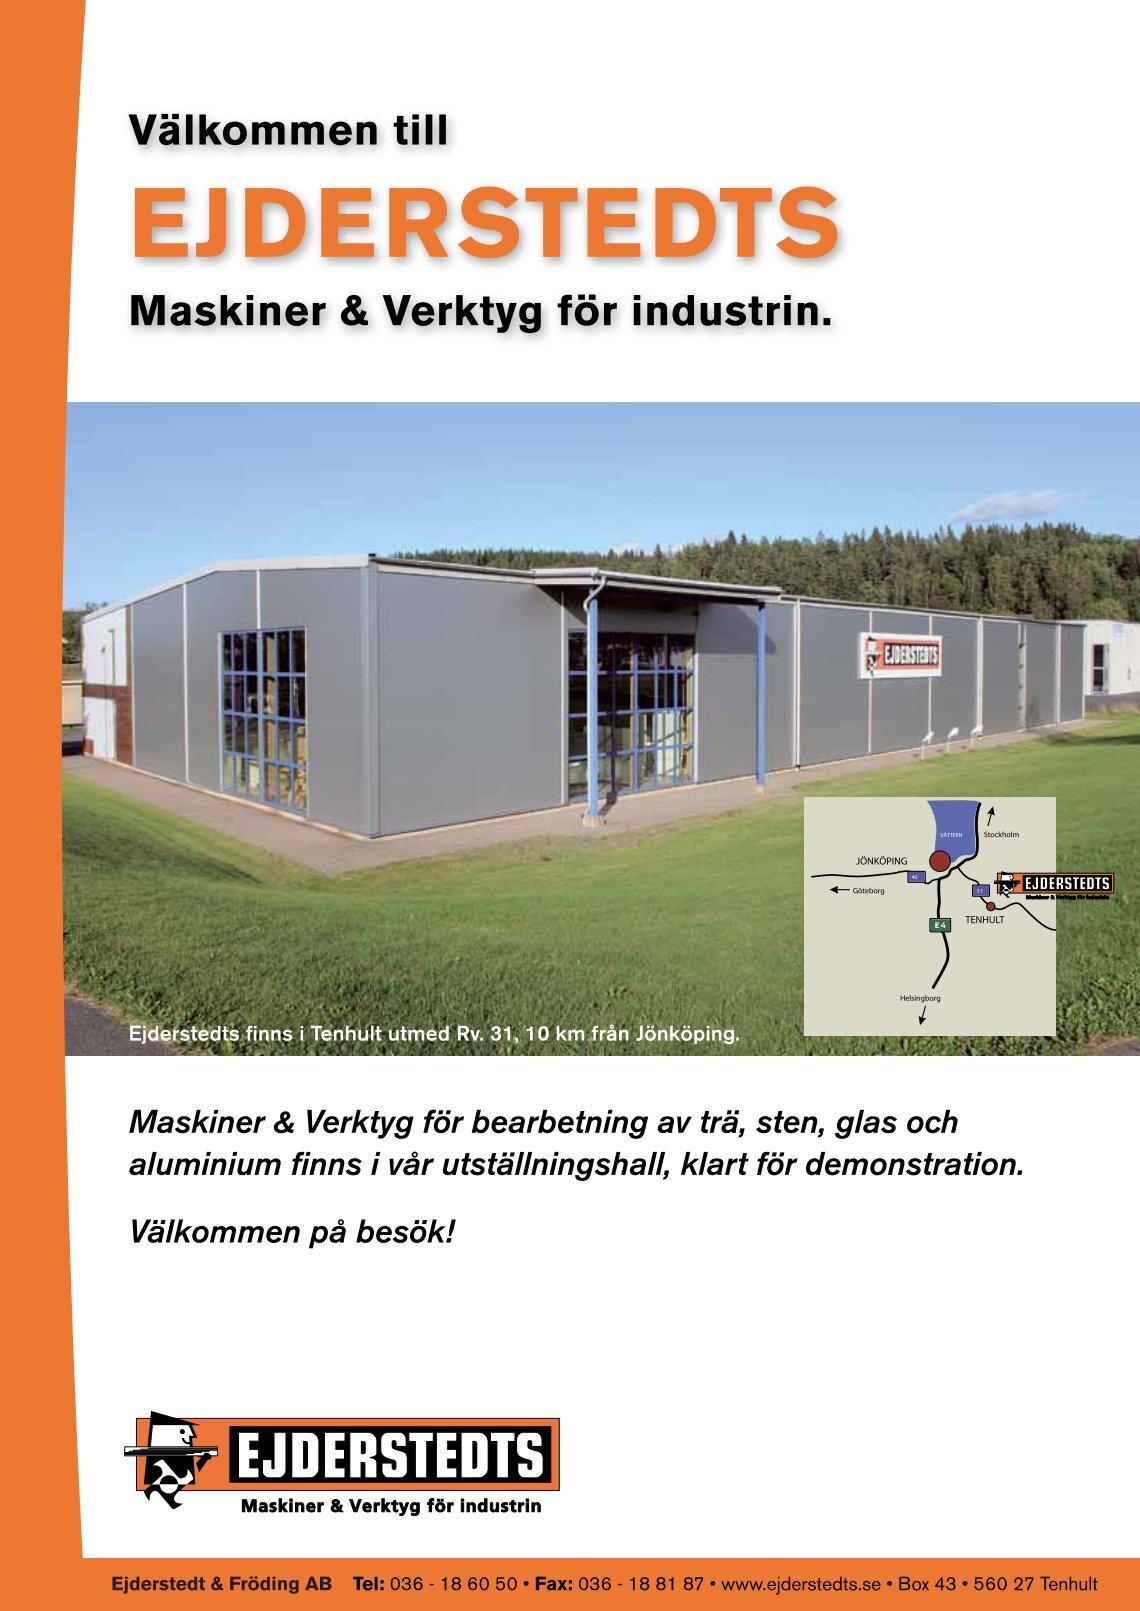 Inredning maskiner och verktyg : 3 free Magazines from EJDERSTEDTS.SE